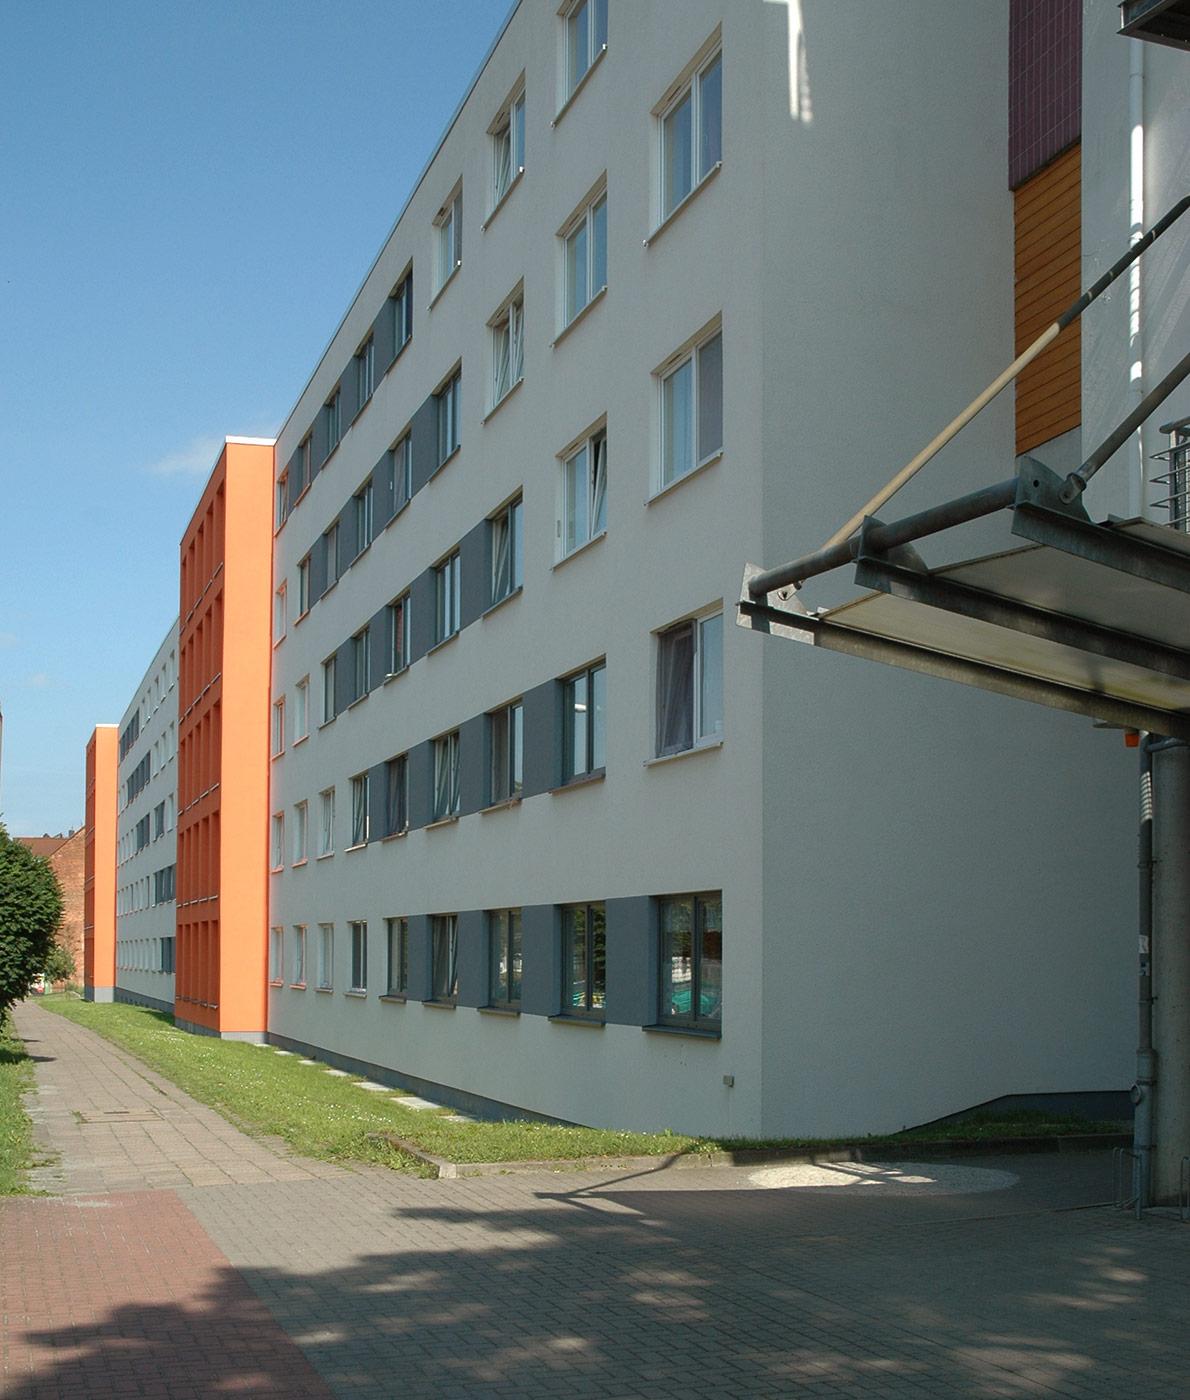 Fotogalerie | Campus Wohnen Magdeburg/Potsdam